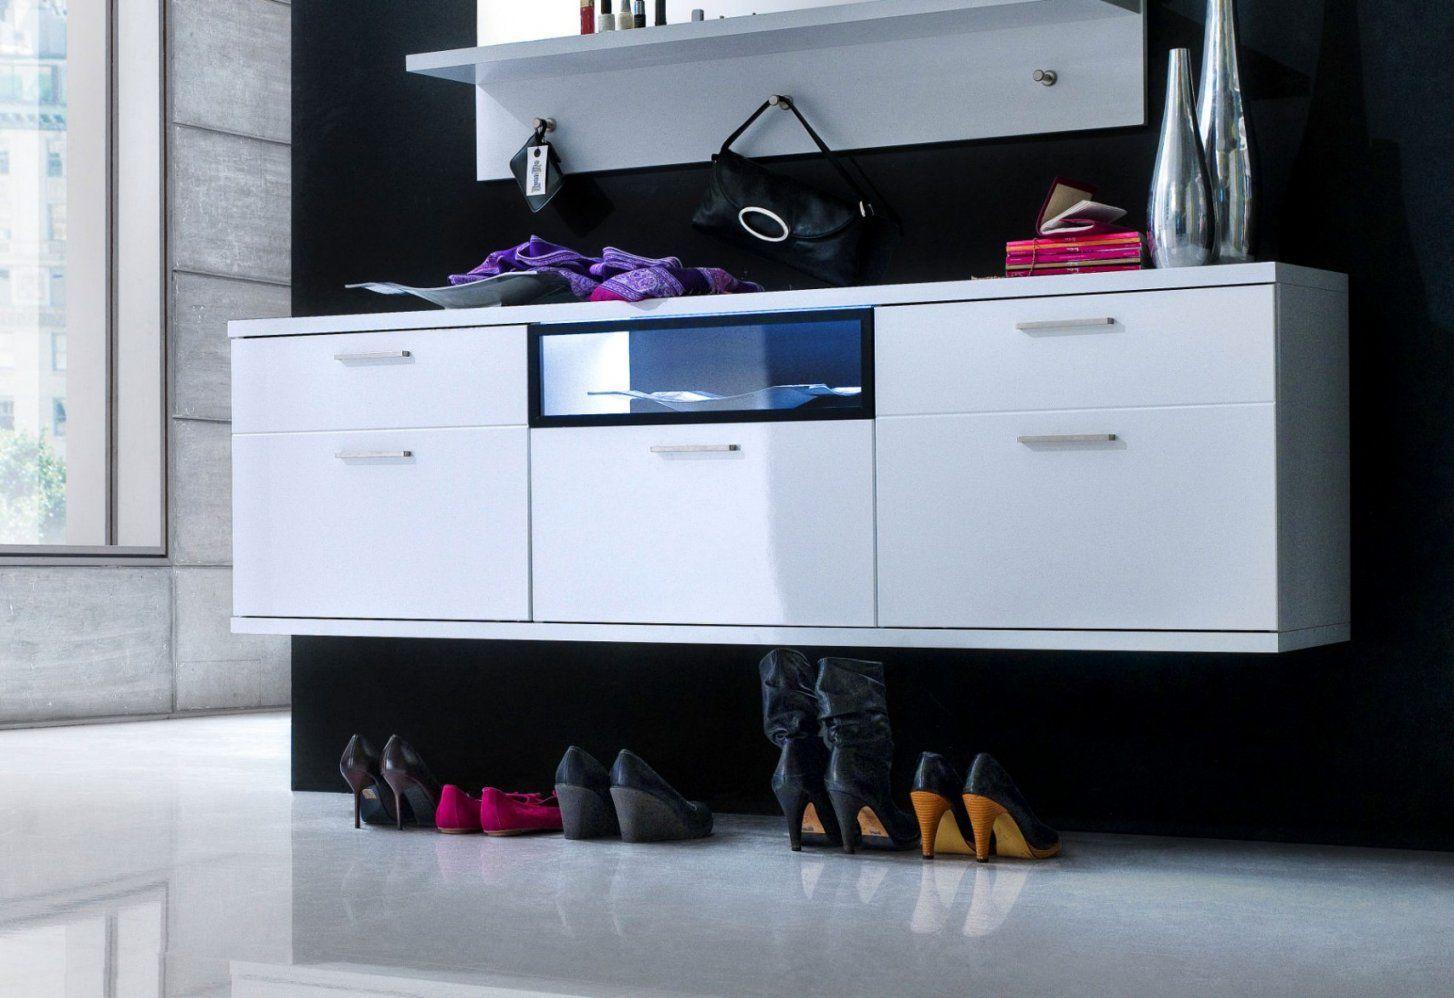 Interessant Sideboard Weiß Hochglanz Hängend Für Schuhschrank von Sideboard Weiß Hochglanz Hängend Photo